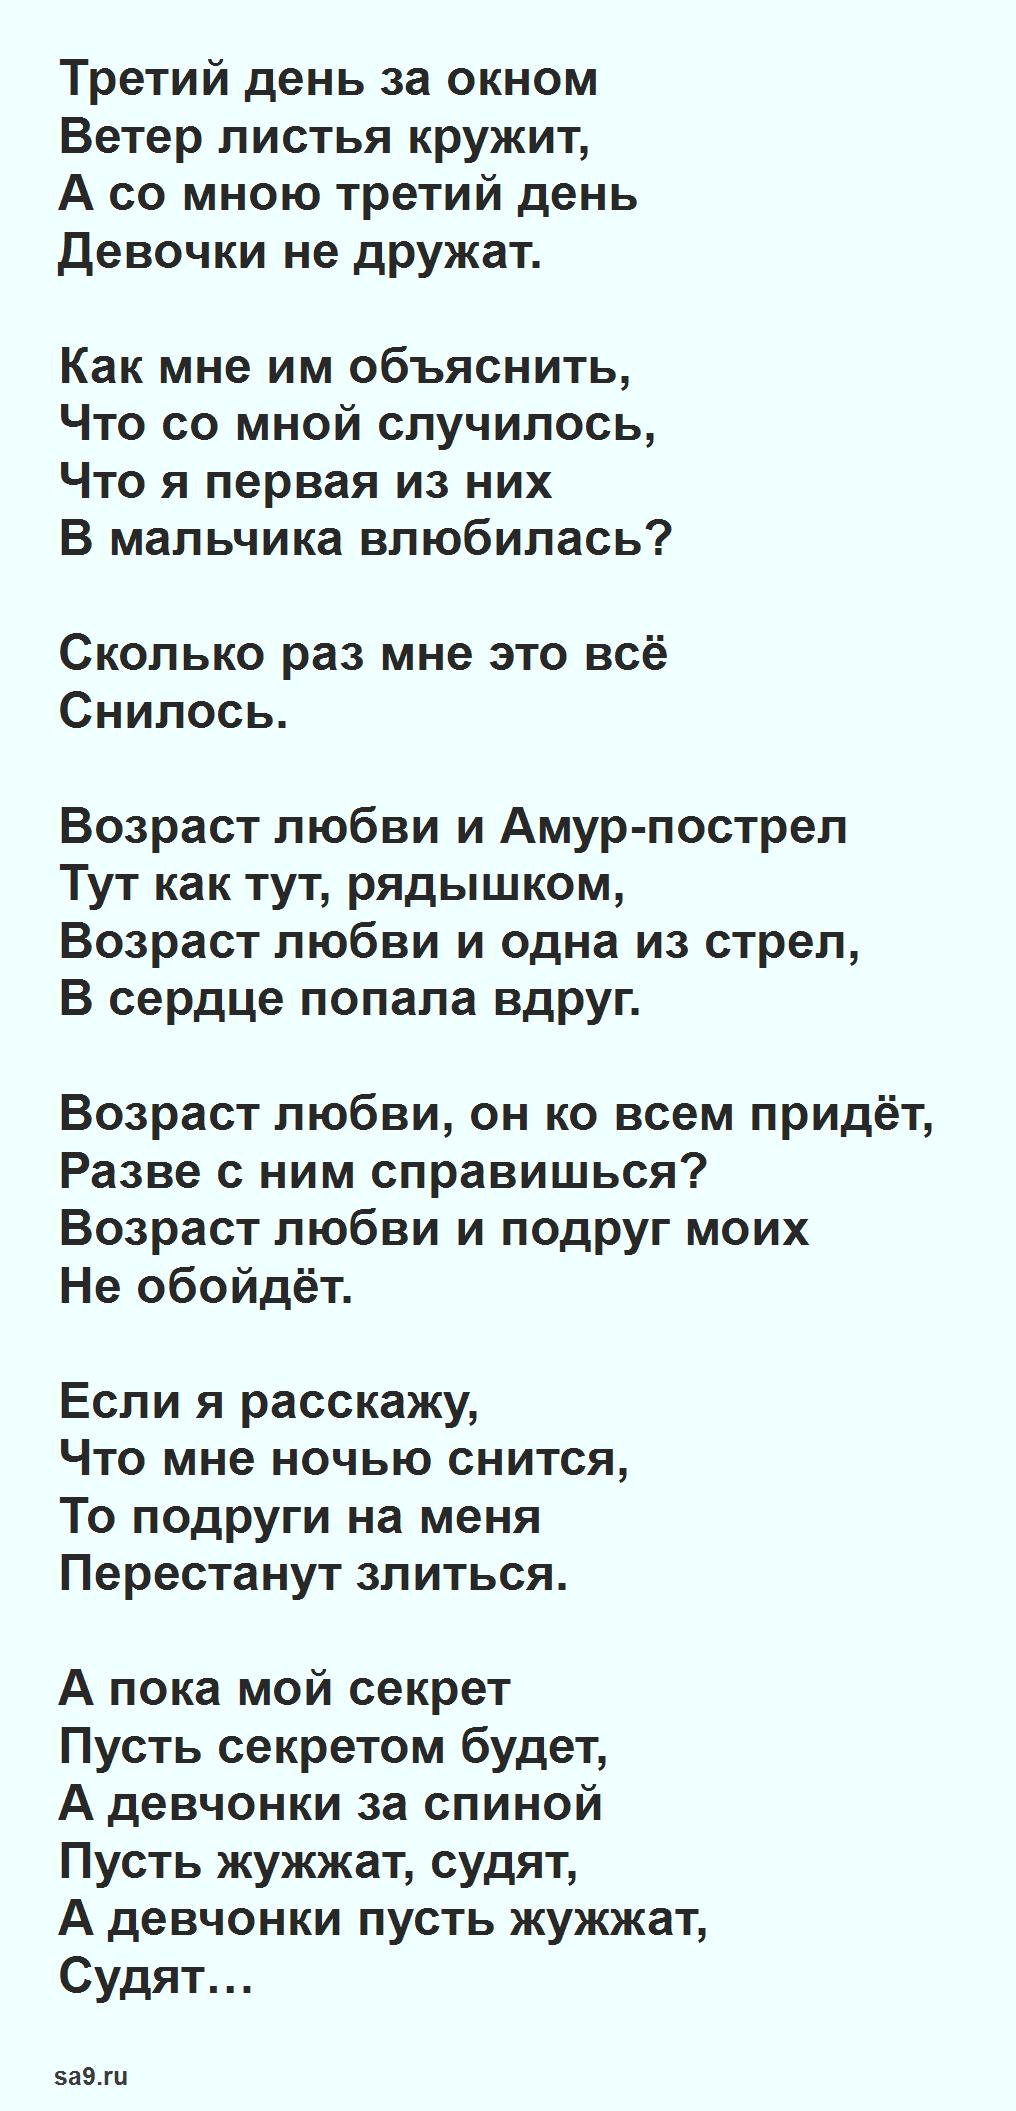 Стихи Рубальской о возрасте - Возраст любви